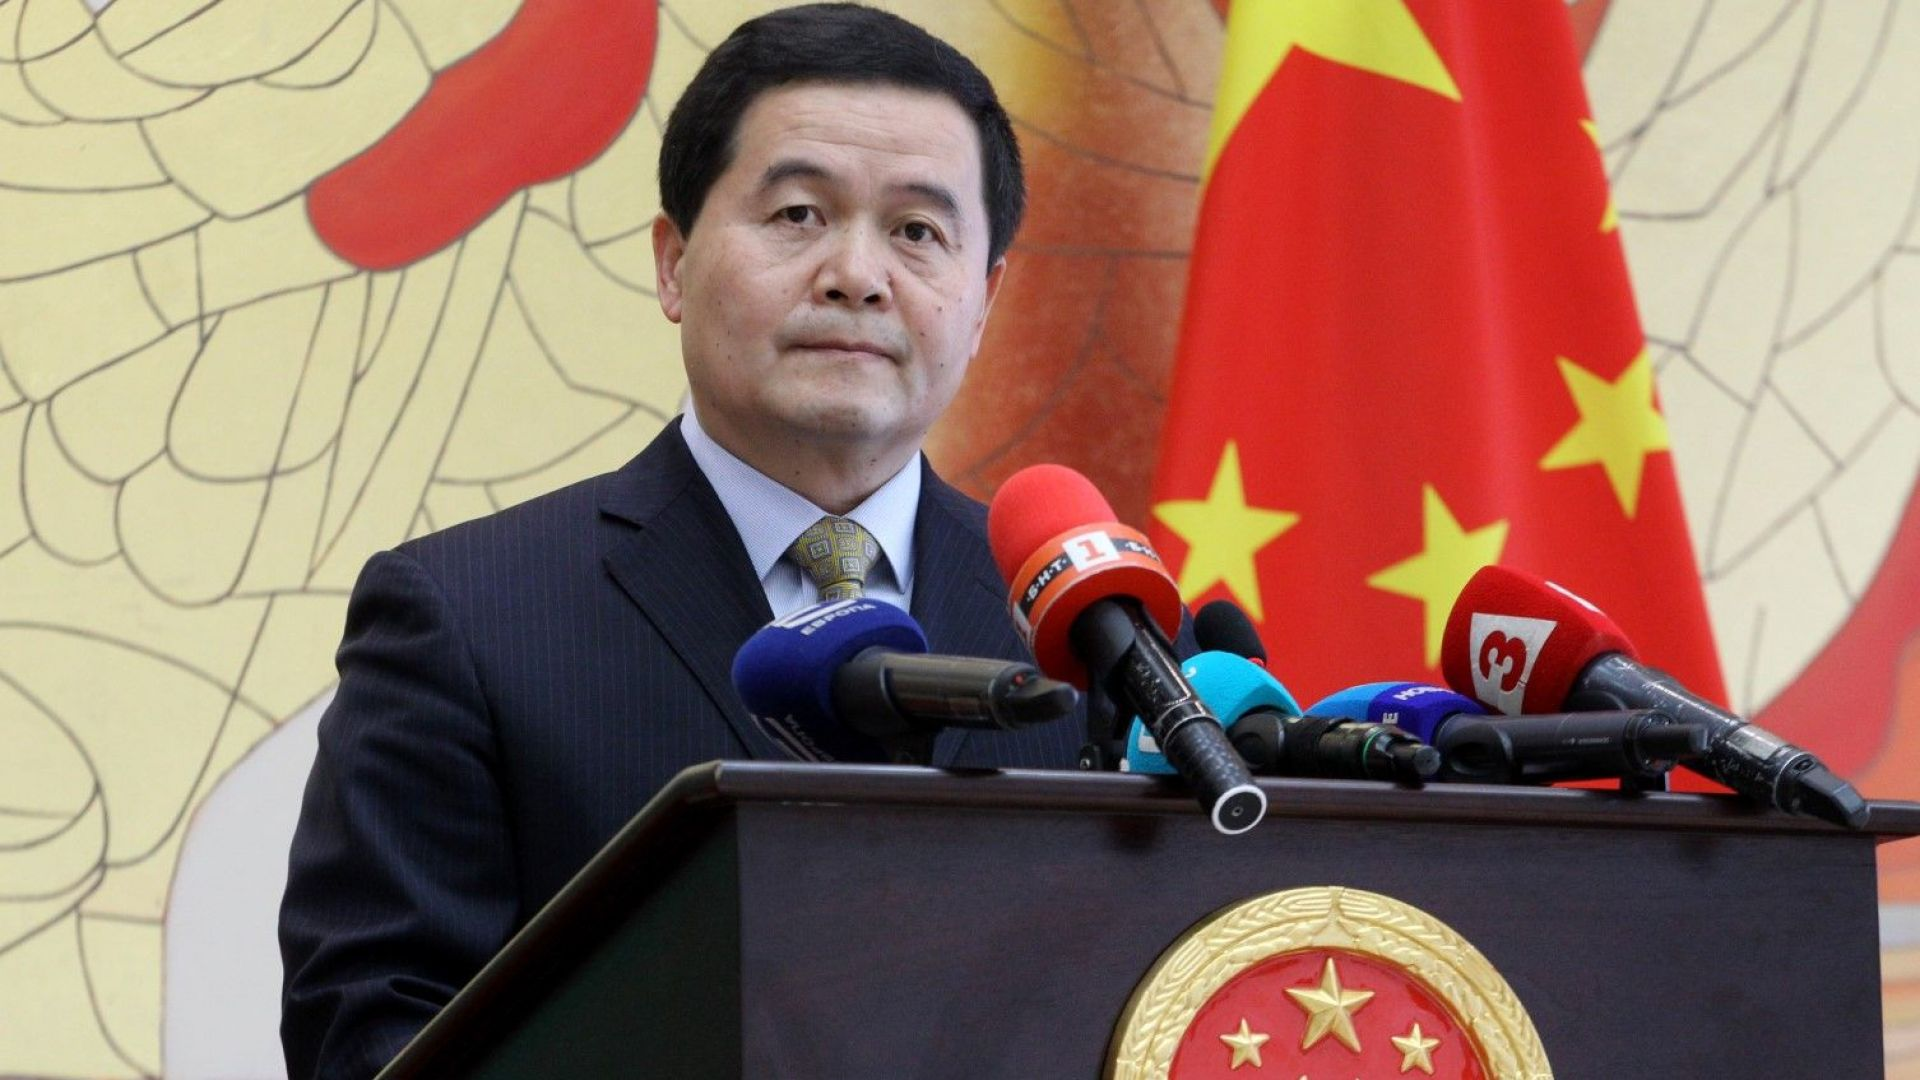 Посланик Дун Сяоцзюн: Излекуваните от коронавирус са повече от починалите